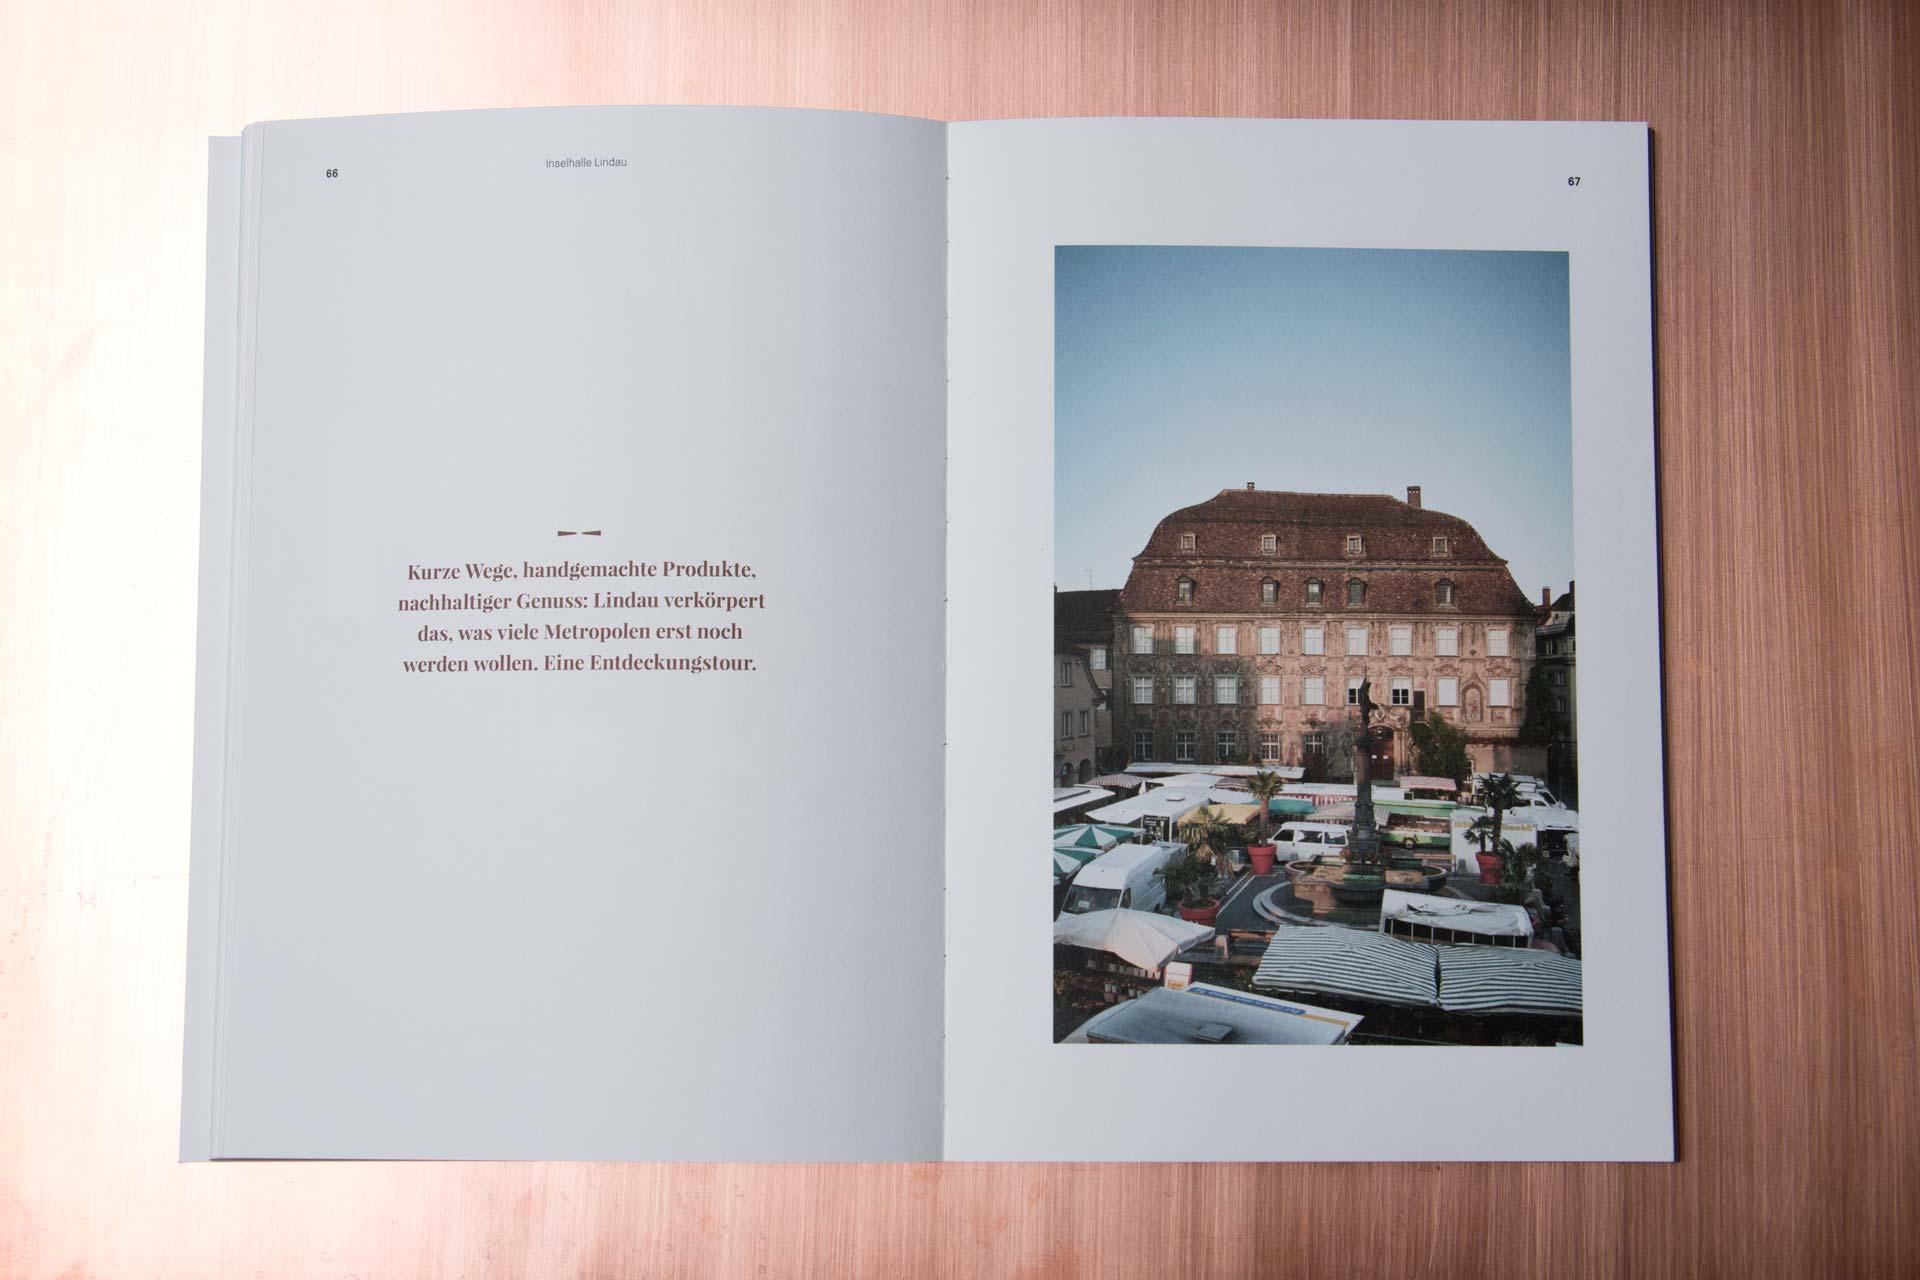 Broschüre für die Inselhalle Lindau, Editorial Design, Portraitheft, Bernhard Hafele